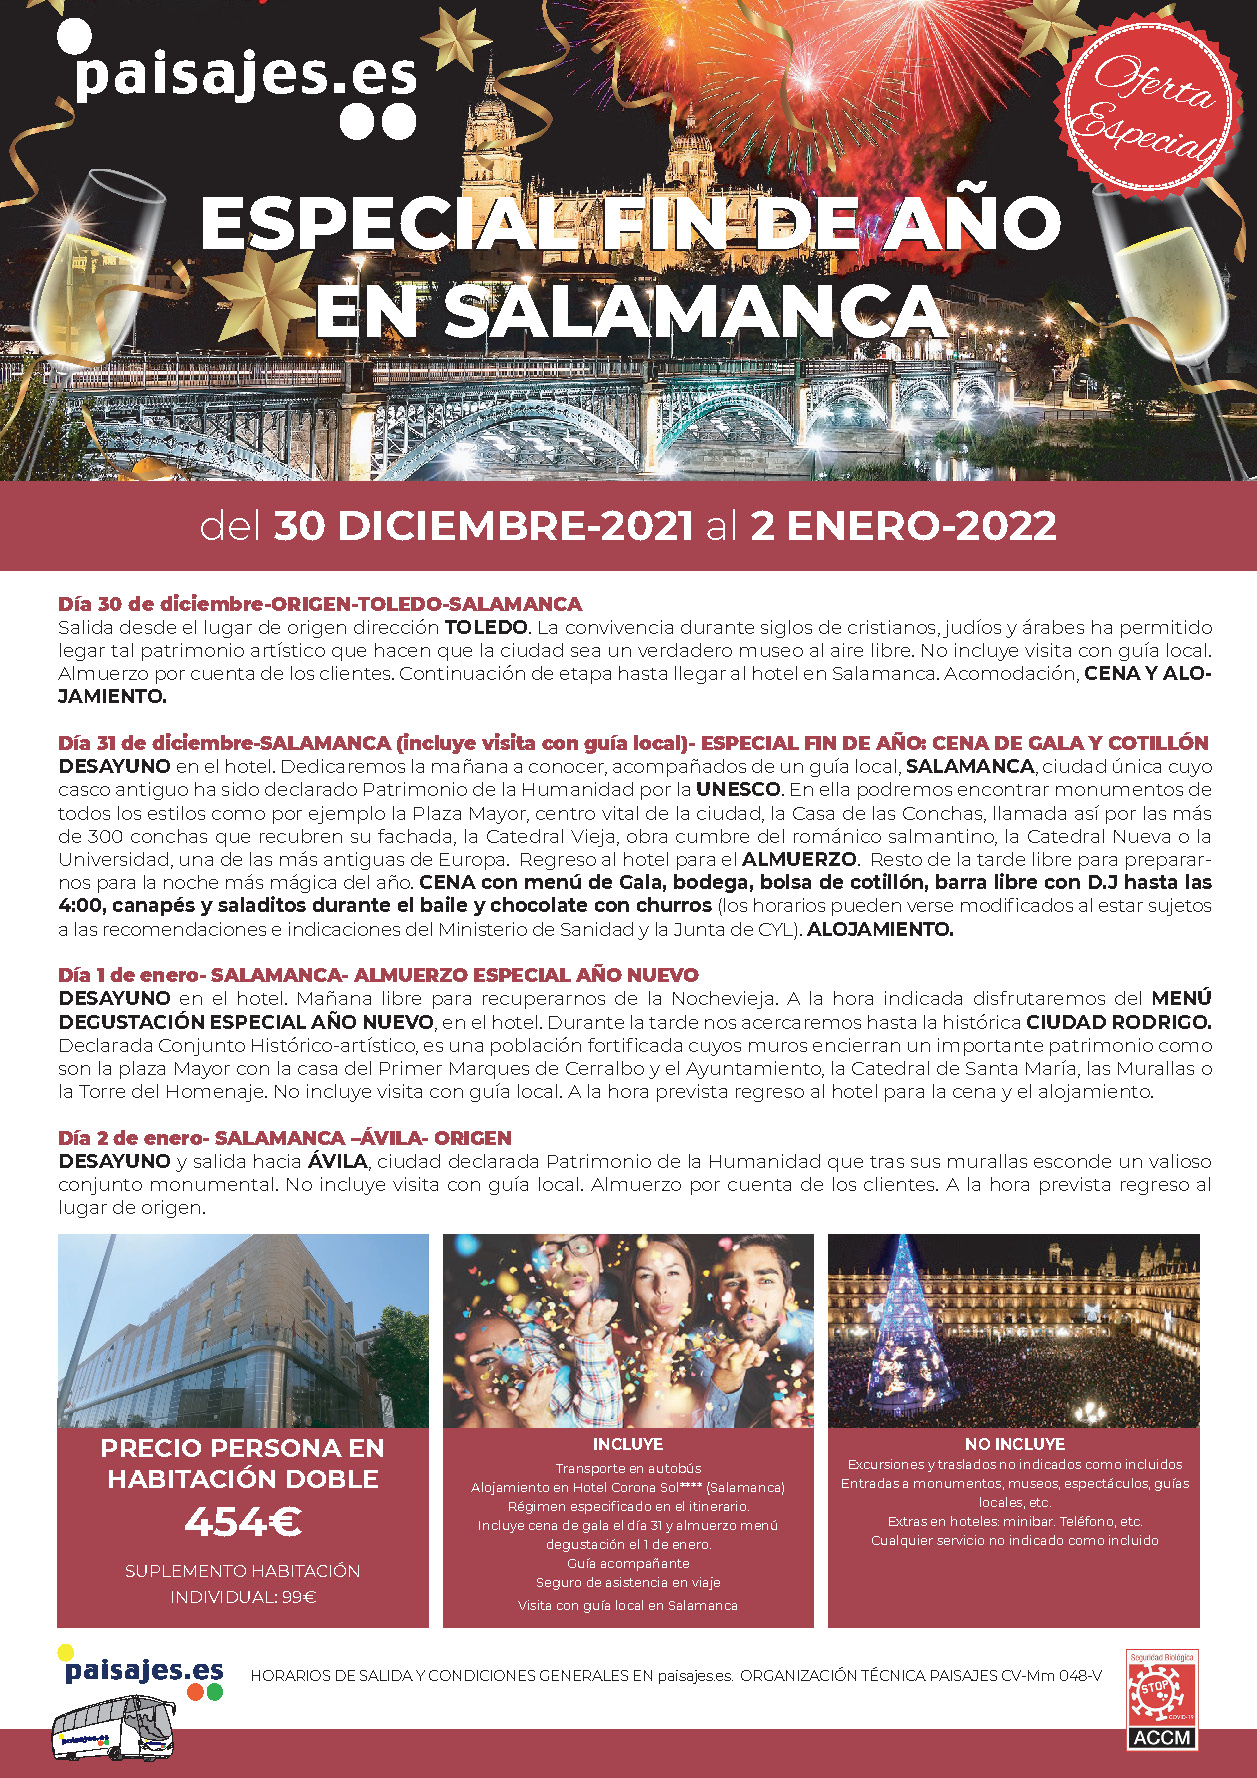 P Oferta Especial Paisajes Fin de Anio 2021-2022 en Salamanca salidas desde la Comunidad Valenciana